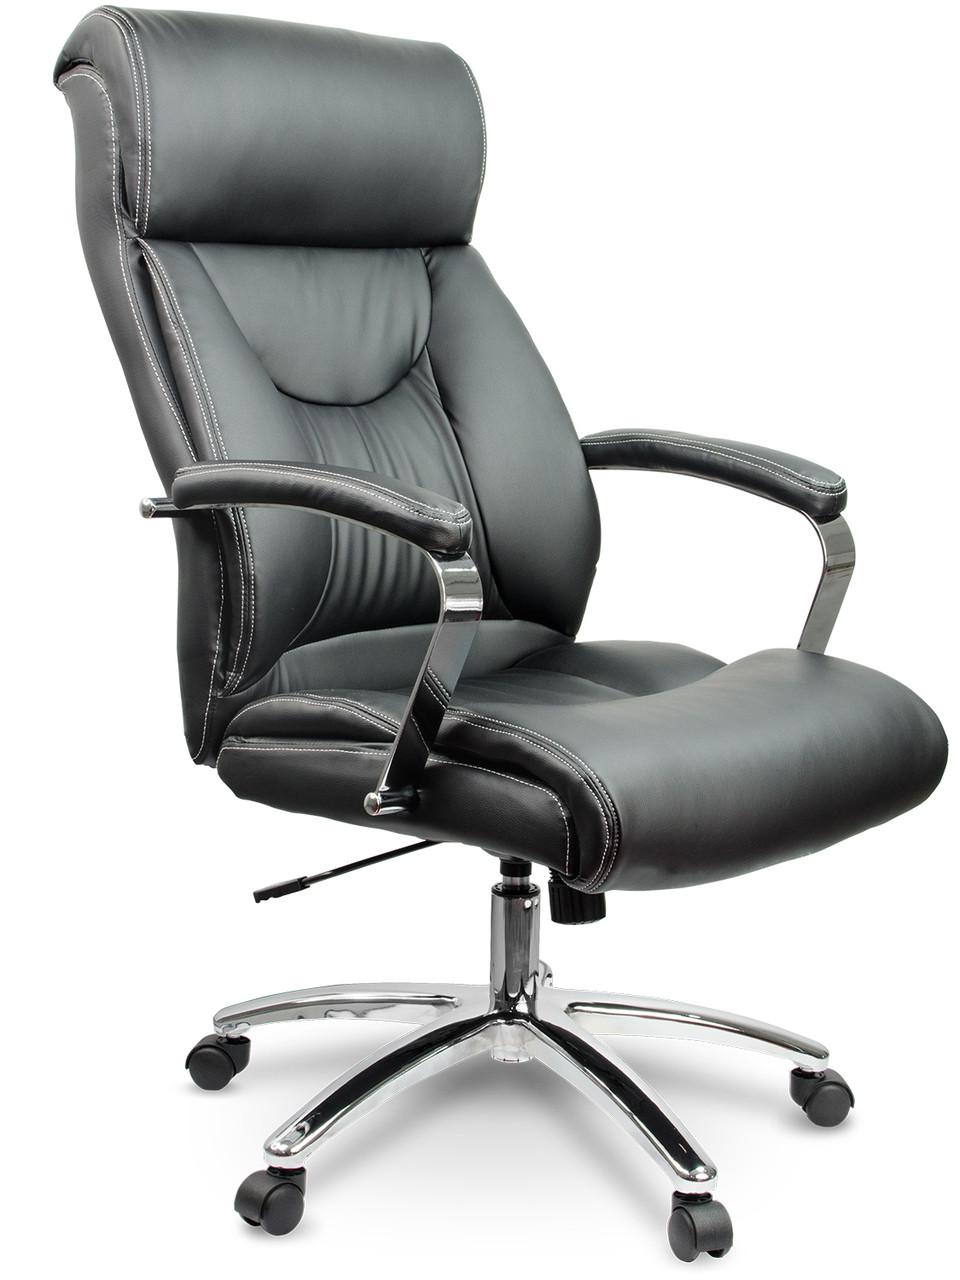 Кресло стул офисный кожаный Sofotel EG-224 черный